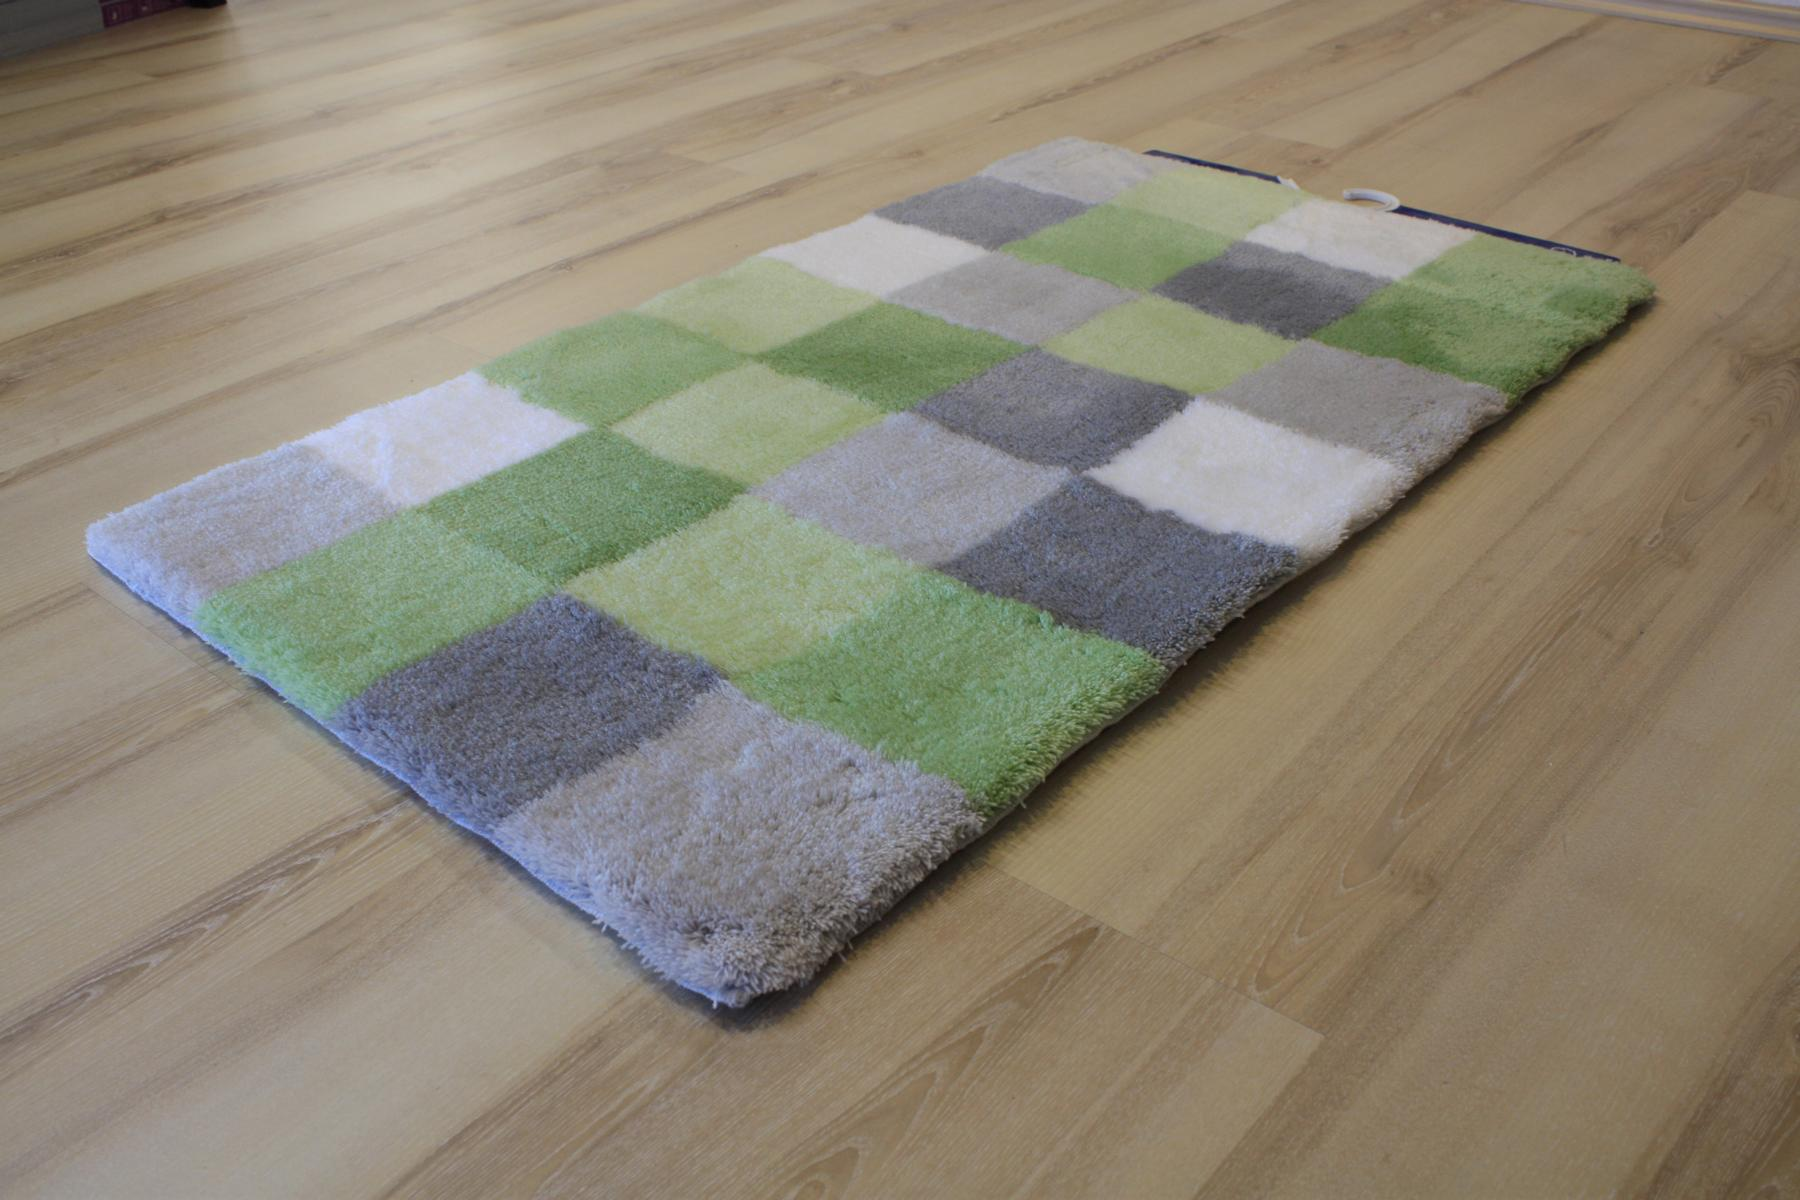 badteppich kleine wolke caro 617 distel 85x150 cm ebay. Black Bedroom Furniture Sets. Home Design Ideas